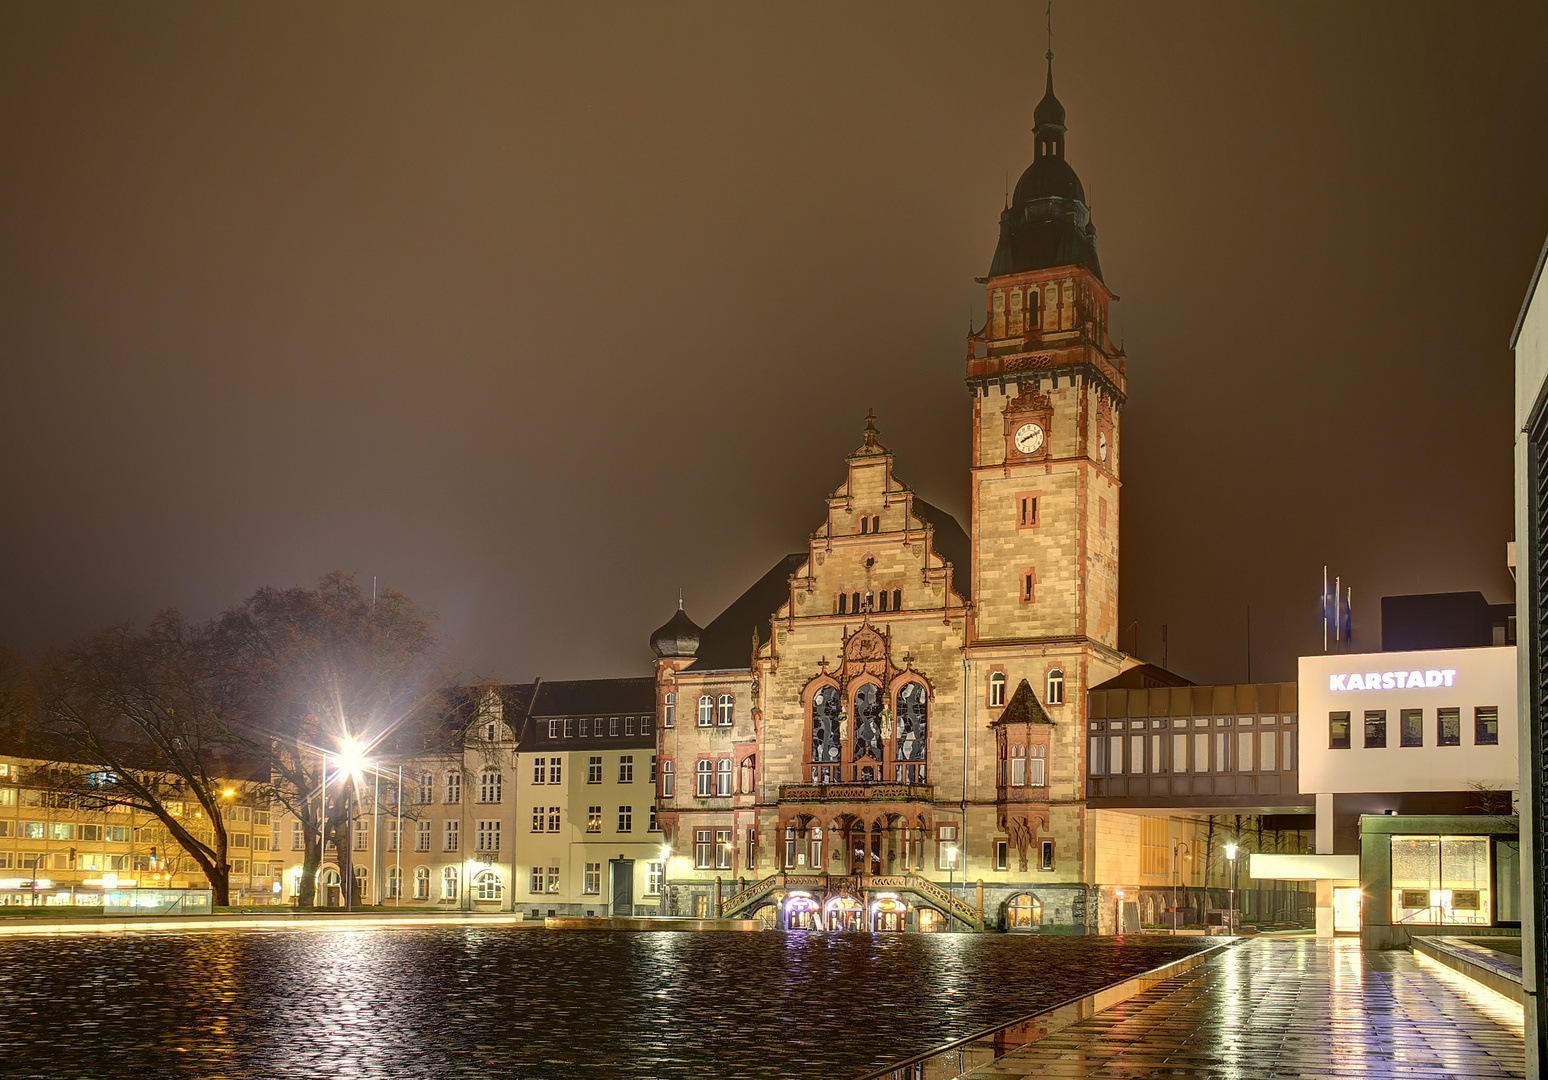 Karstadt Rheydt